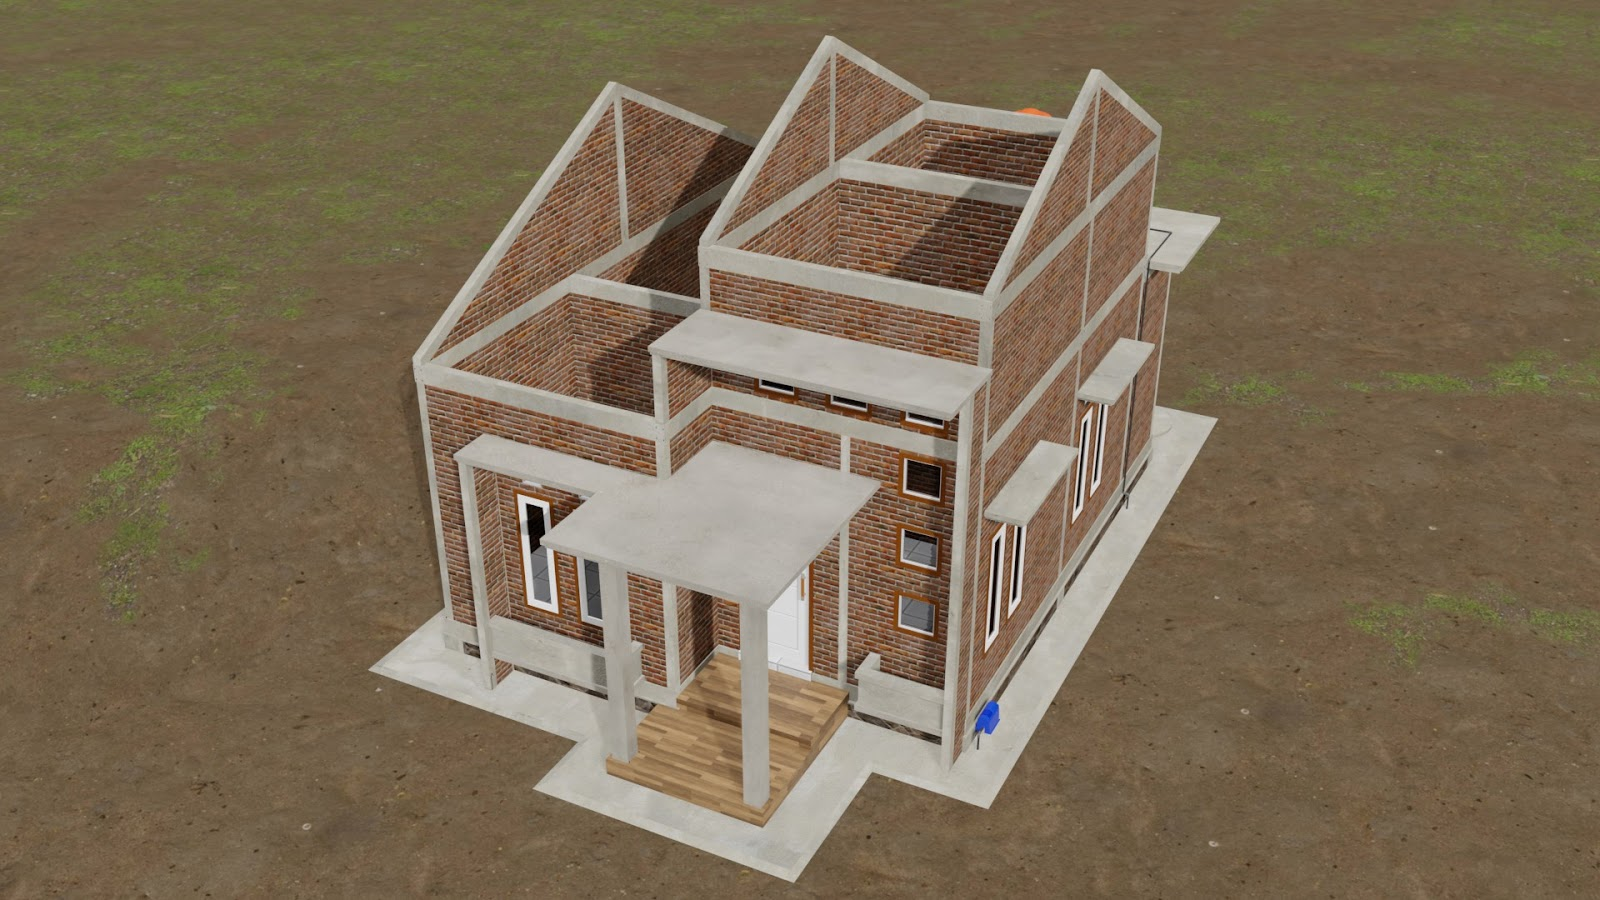 Desain Rumah Minimalis 57 M2 - 2 Kamar + KONSTRUKSI